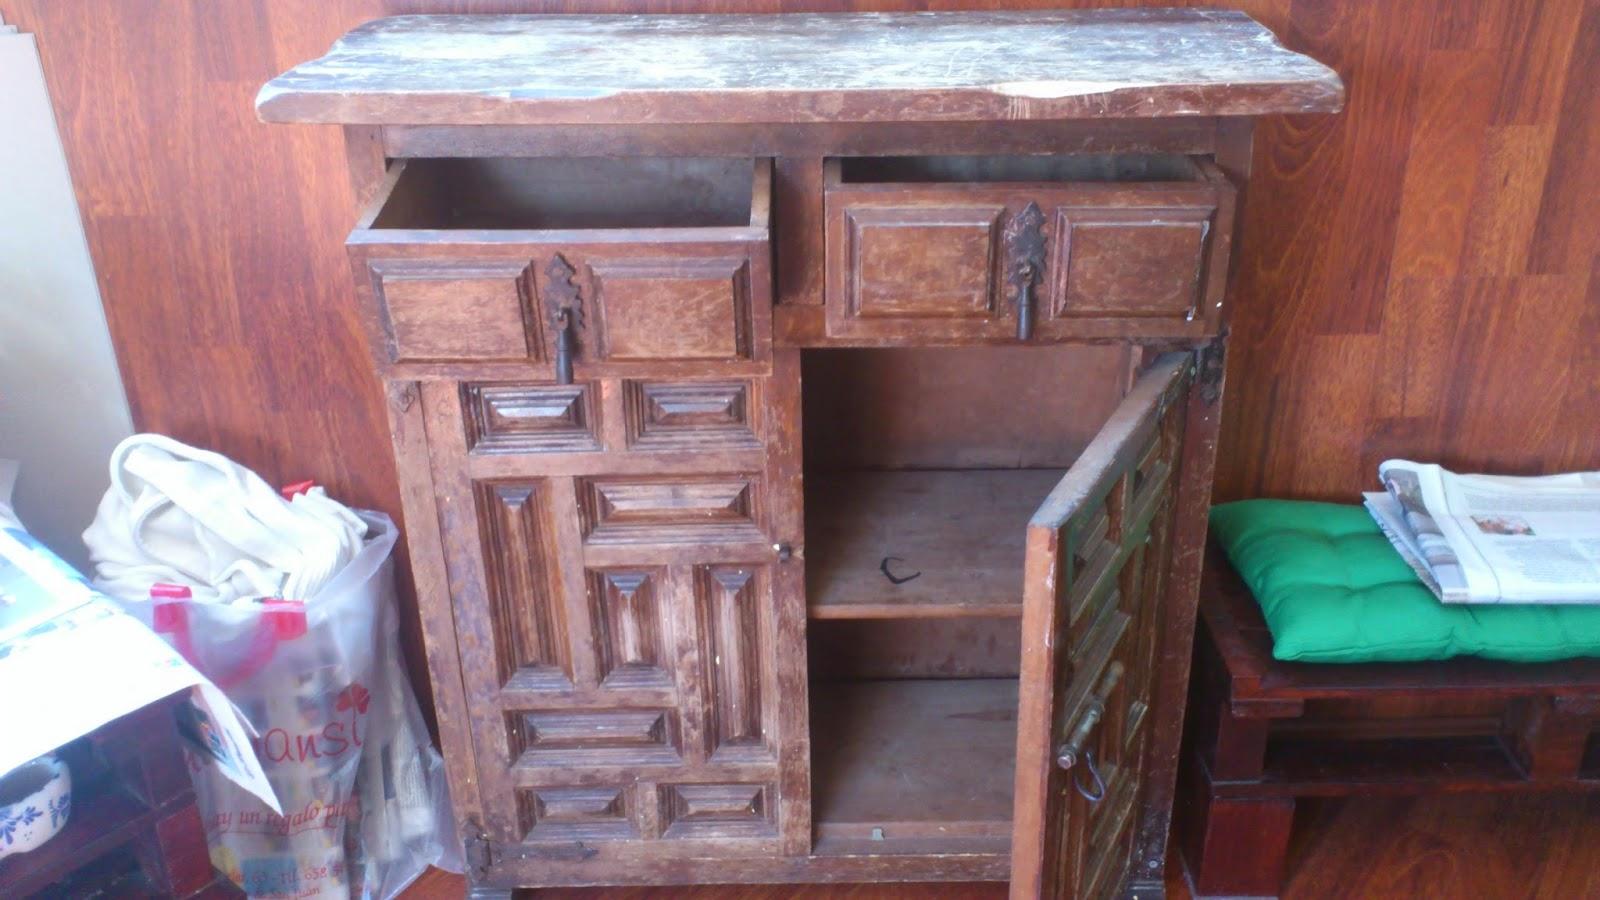 Madera de mindi transformando un moderno mueble de estilo - Transformar muebles antiguos ...